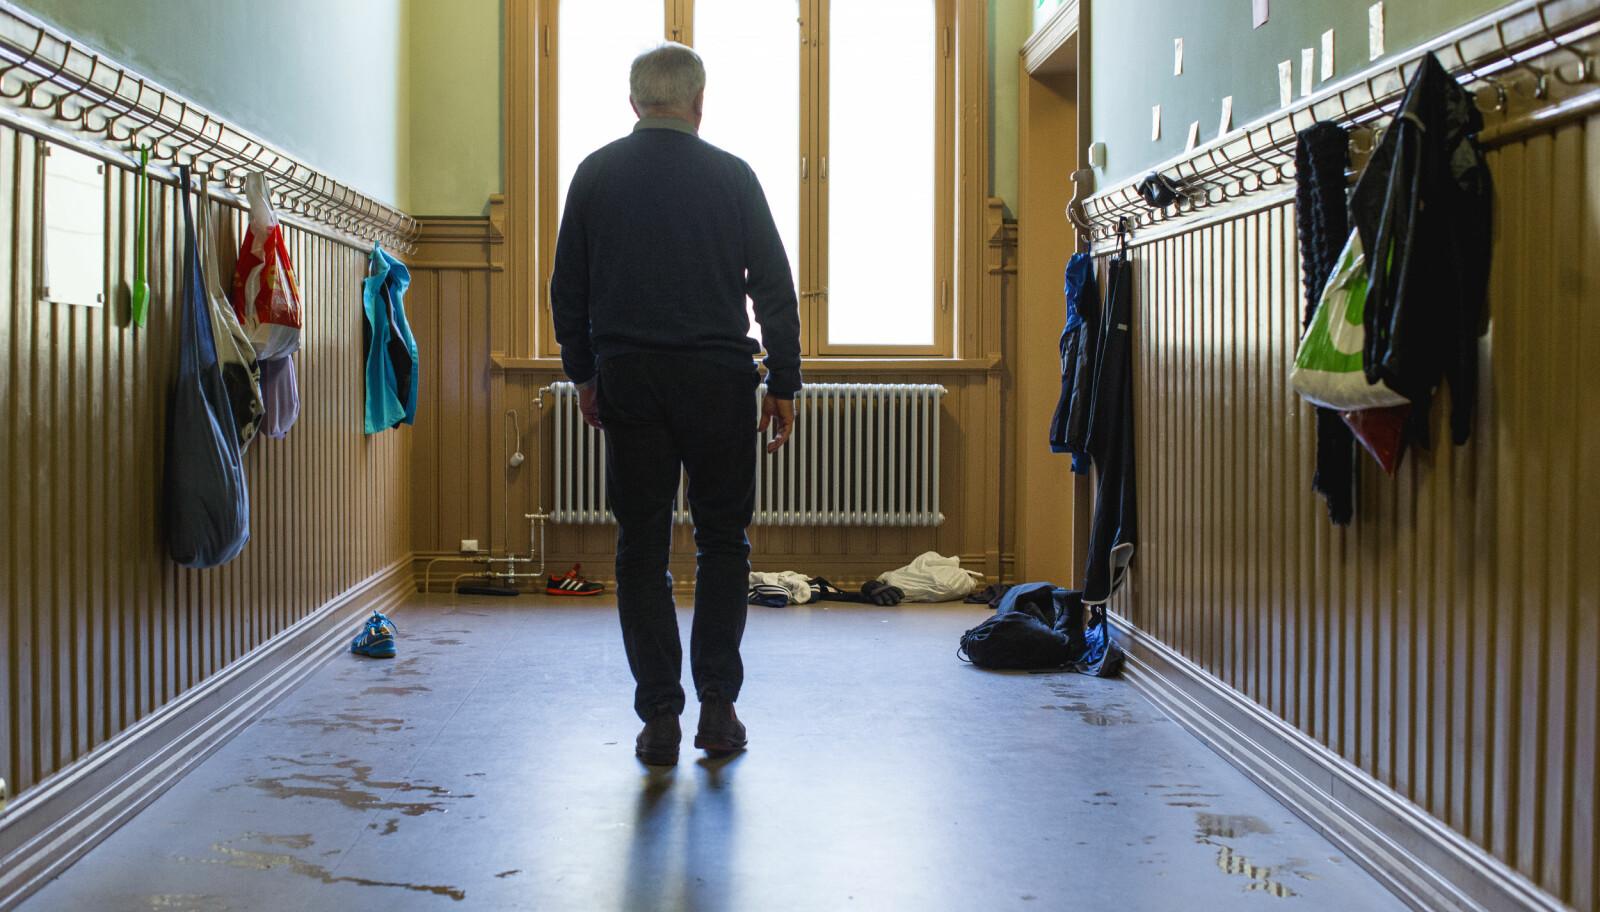 En stor kartleggingsundersøkelse i Hedmark viser at elever foretrekker kvinnelige lærere og gir dem bedre skår på tilbakemeldinger i undervisningen, faglig trivsel, relasjon mellom lærer og elev og for norskundervisning. Foto: Tom-Egil Jensen